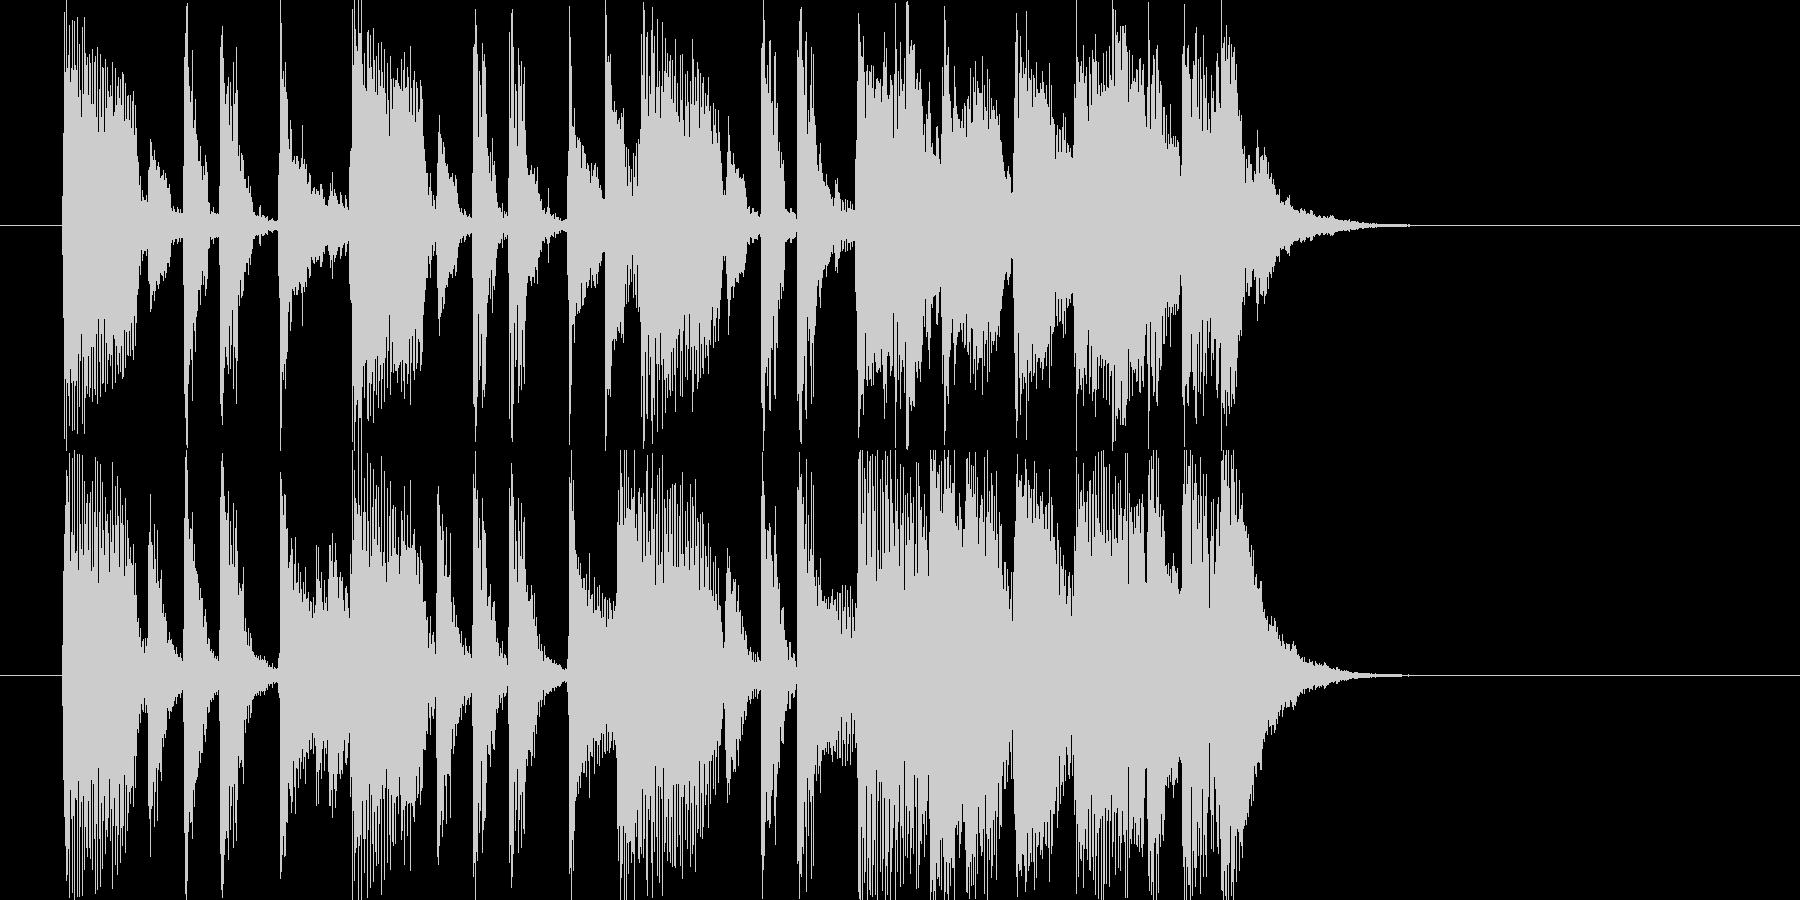 ワンステップ踏み出すような14秒の楽曲の未再生の波形